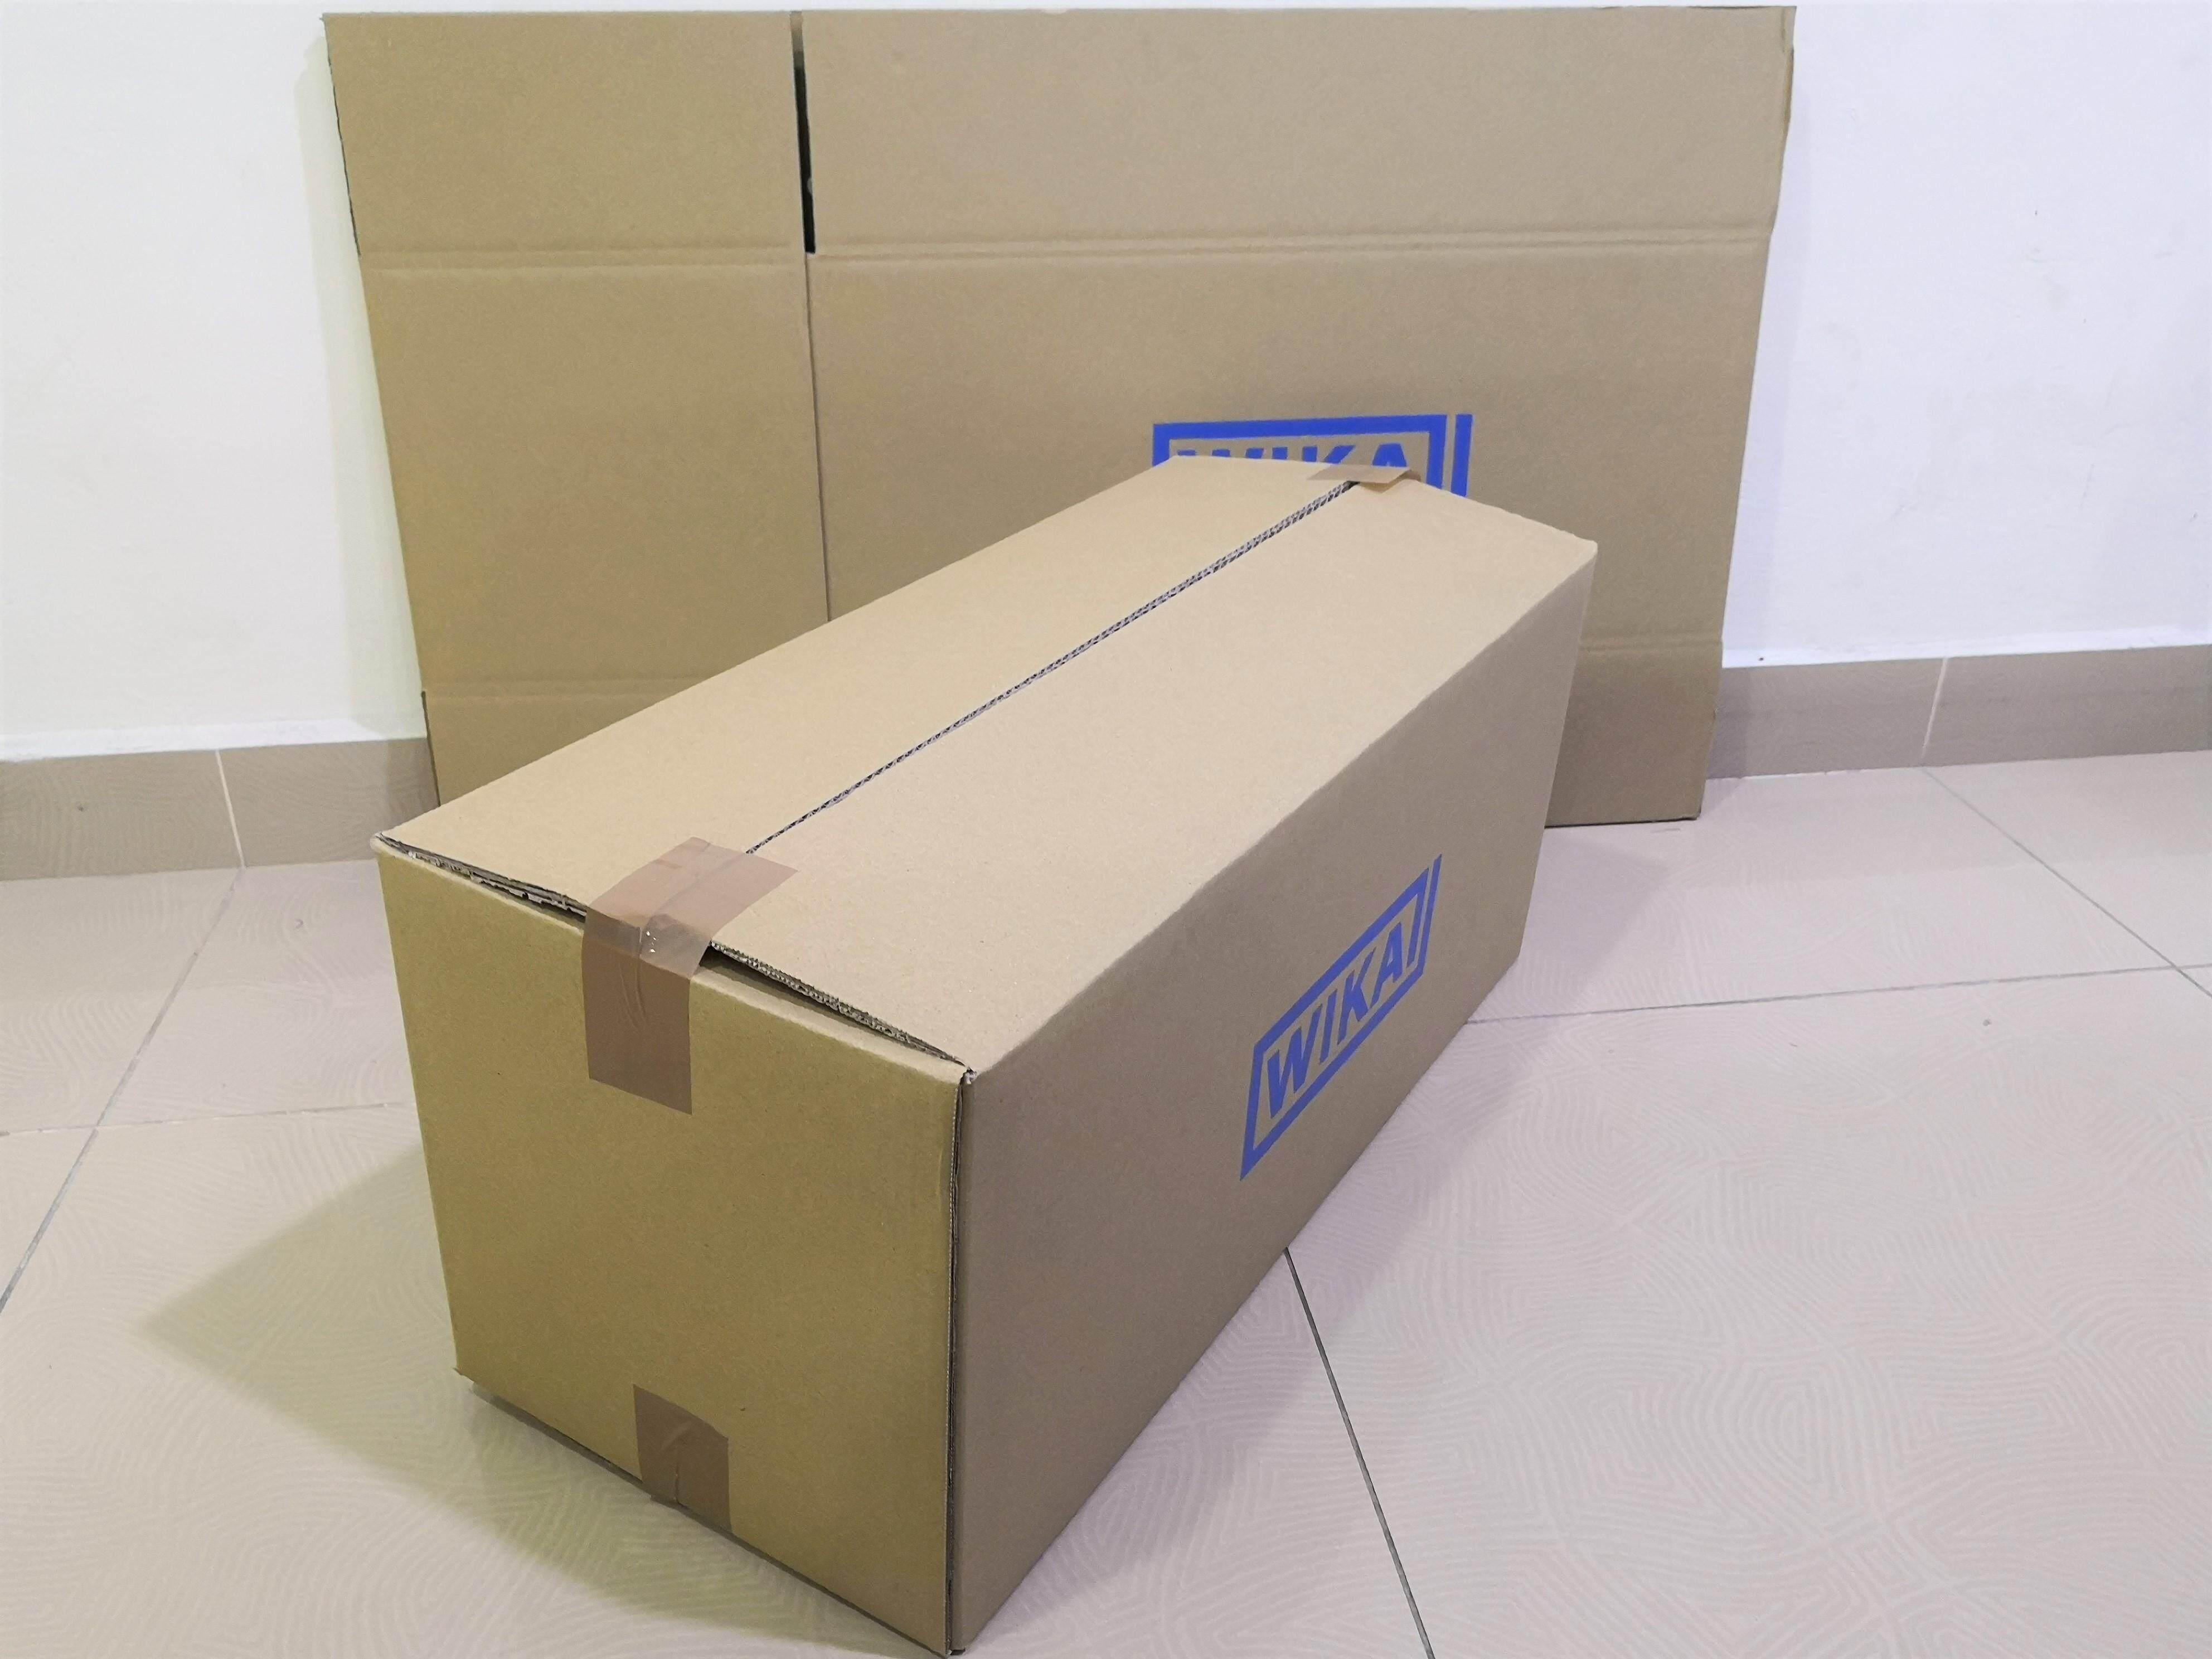 10pcs Printed Carton Boxes (L598 X W258 X H260mm)